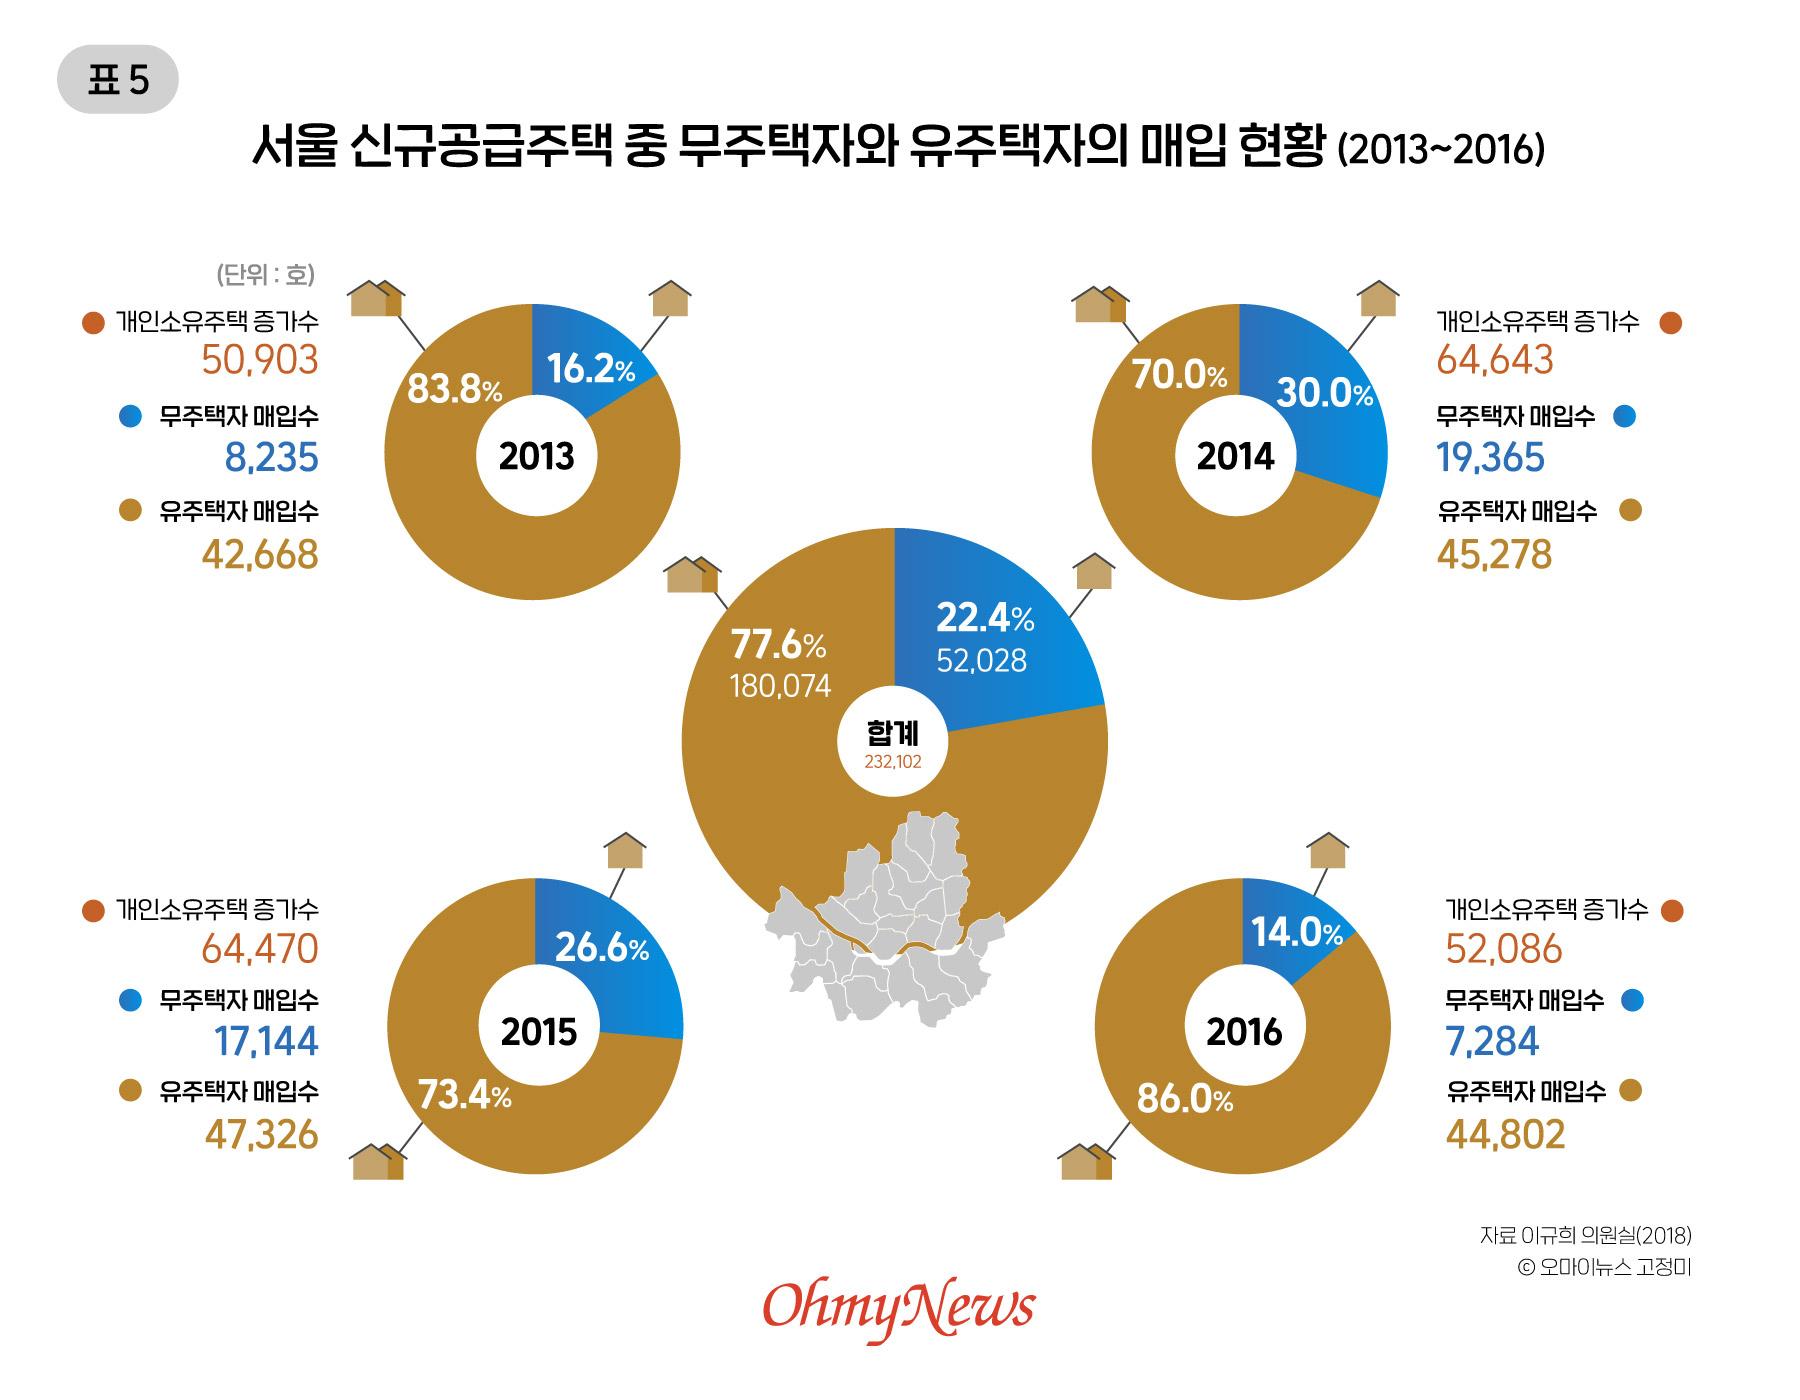 서울 신규공급주택 중 무주택자와 有주택자의 매입 현황 (2013~2016)